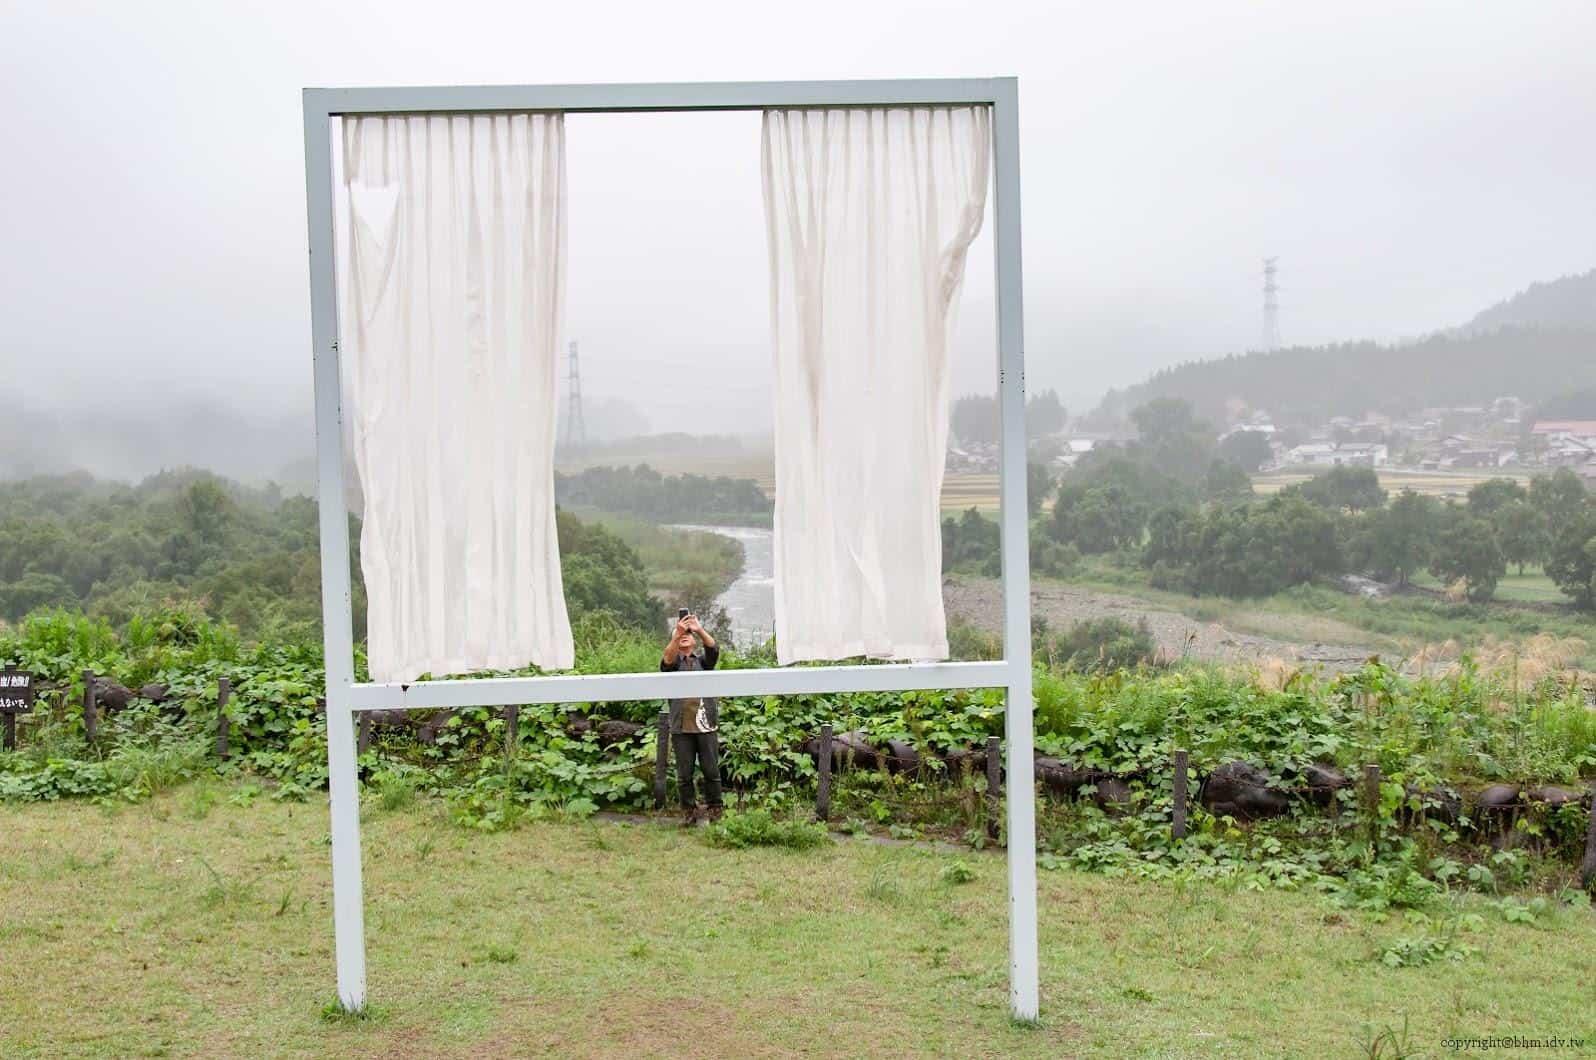 內海昭子,為了無數失去之窗,窗框內窗框外的視野切換,自己與自然,窗內與窗外,攝影者與被攝者,產生不斷的交錯 為了無數失去之窗 為了無數失去之窗 for lots of lost windows 02